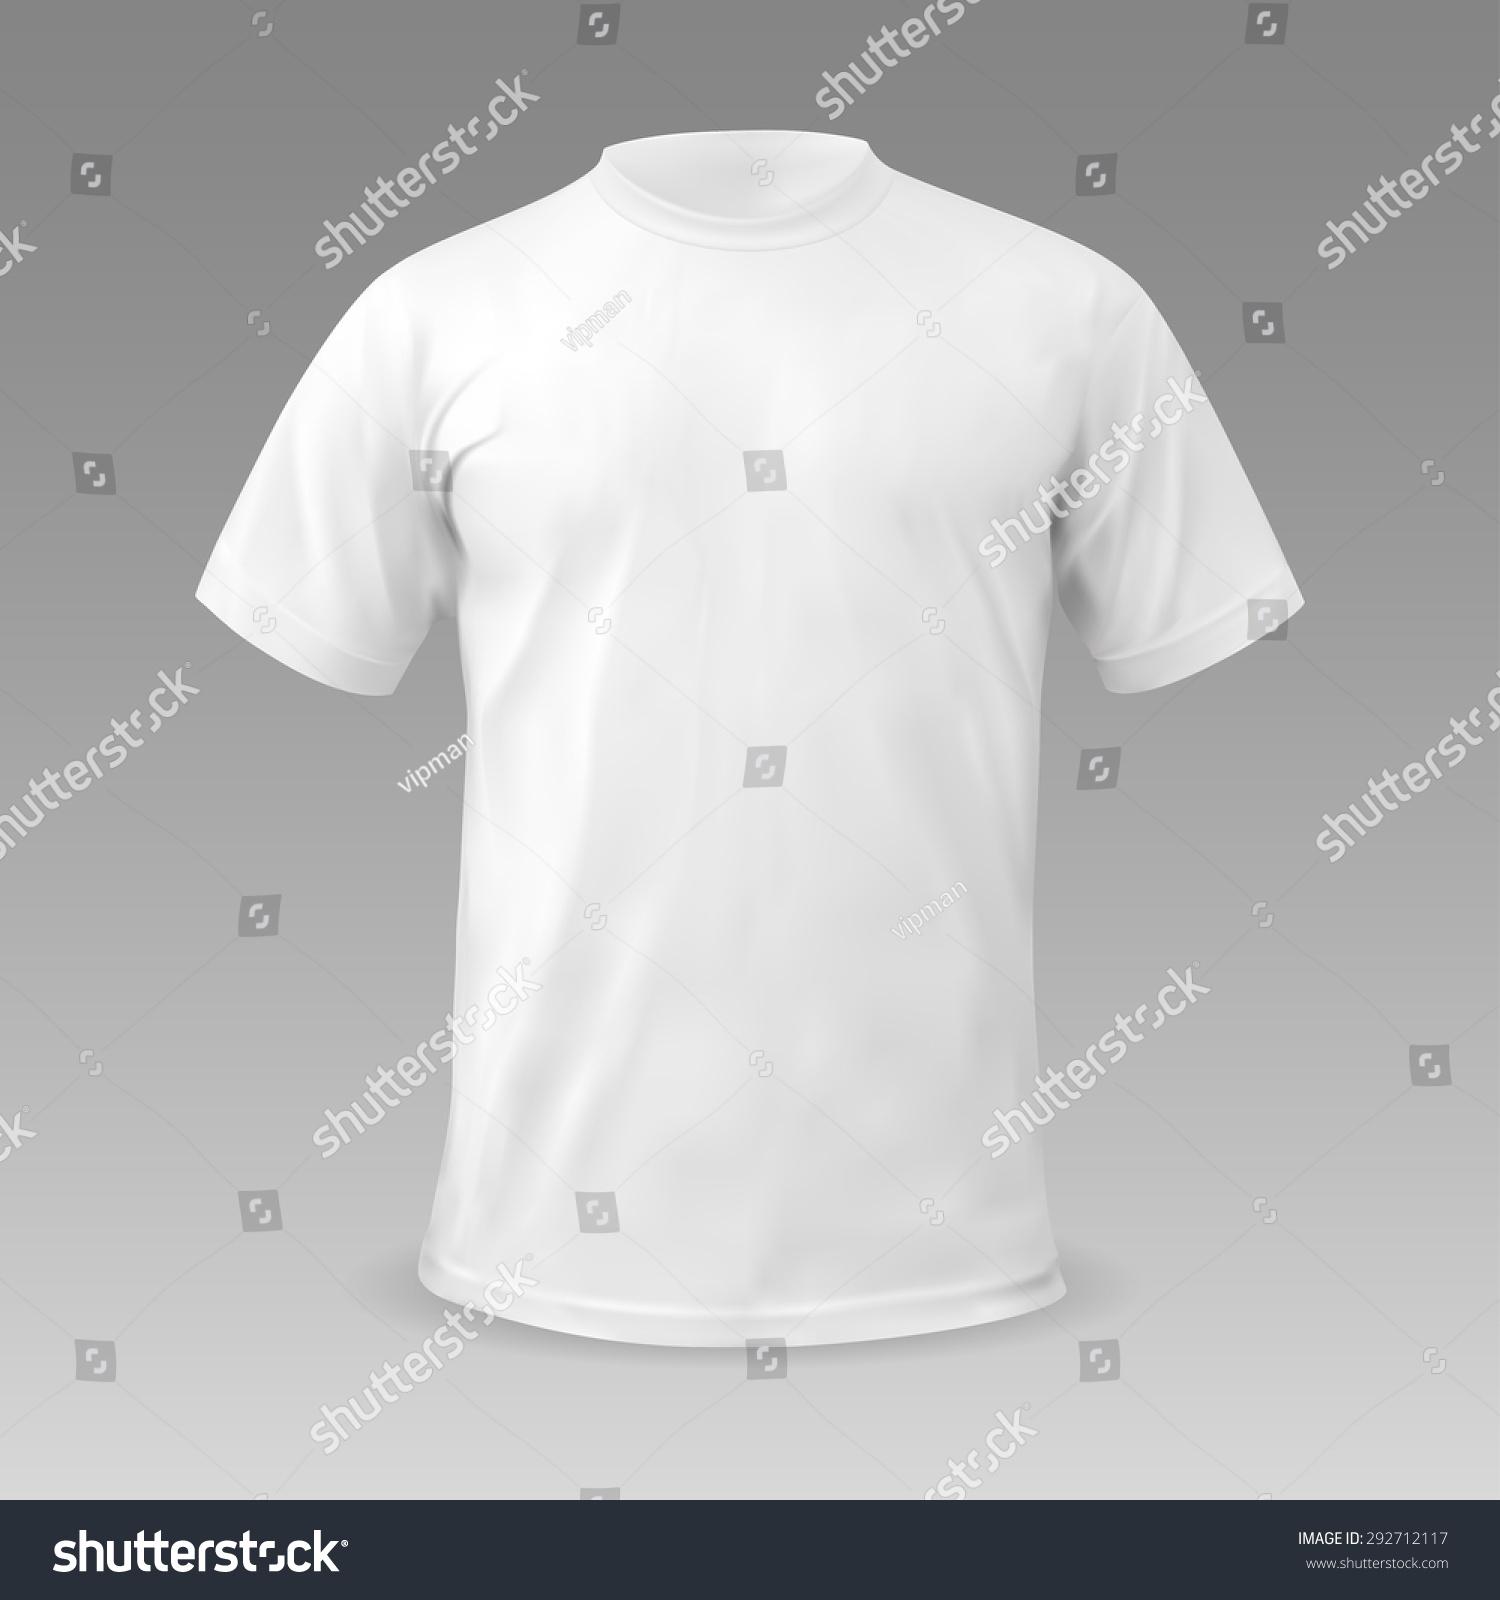 空白t恤模板-物体,美容/时装服饰-海洛创意(hellorf)